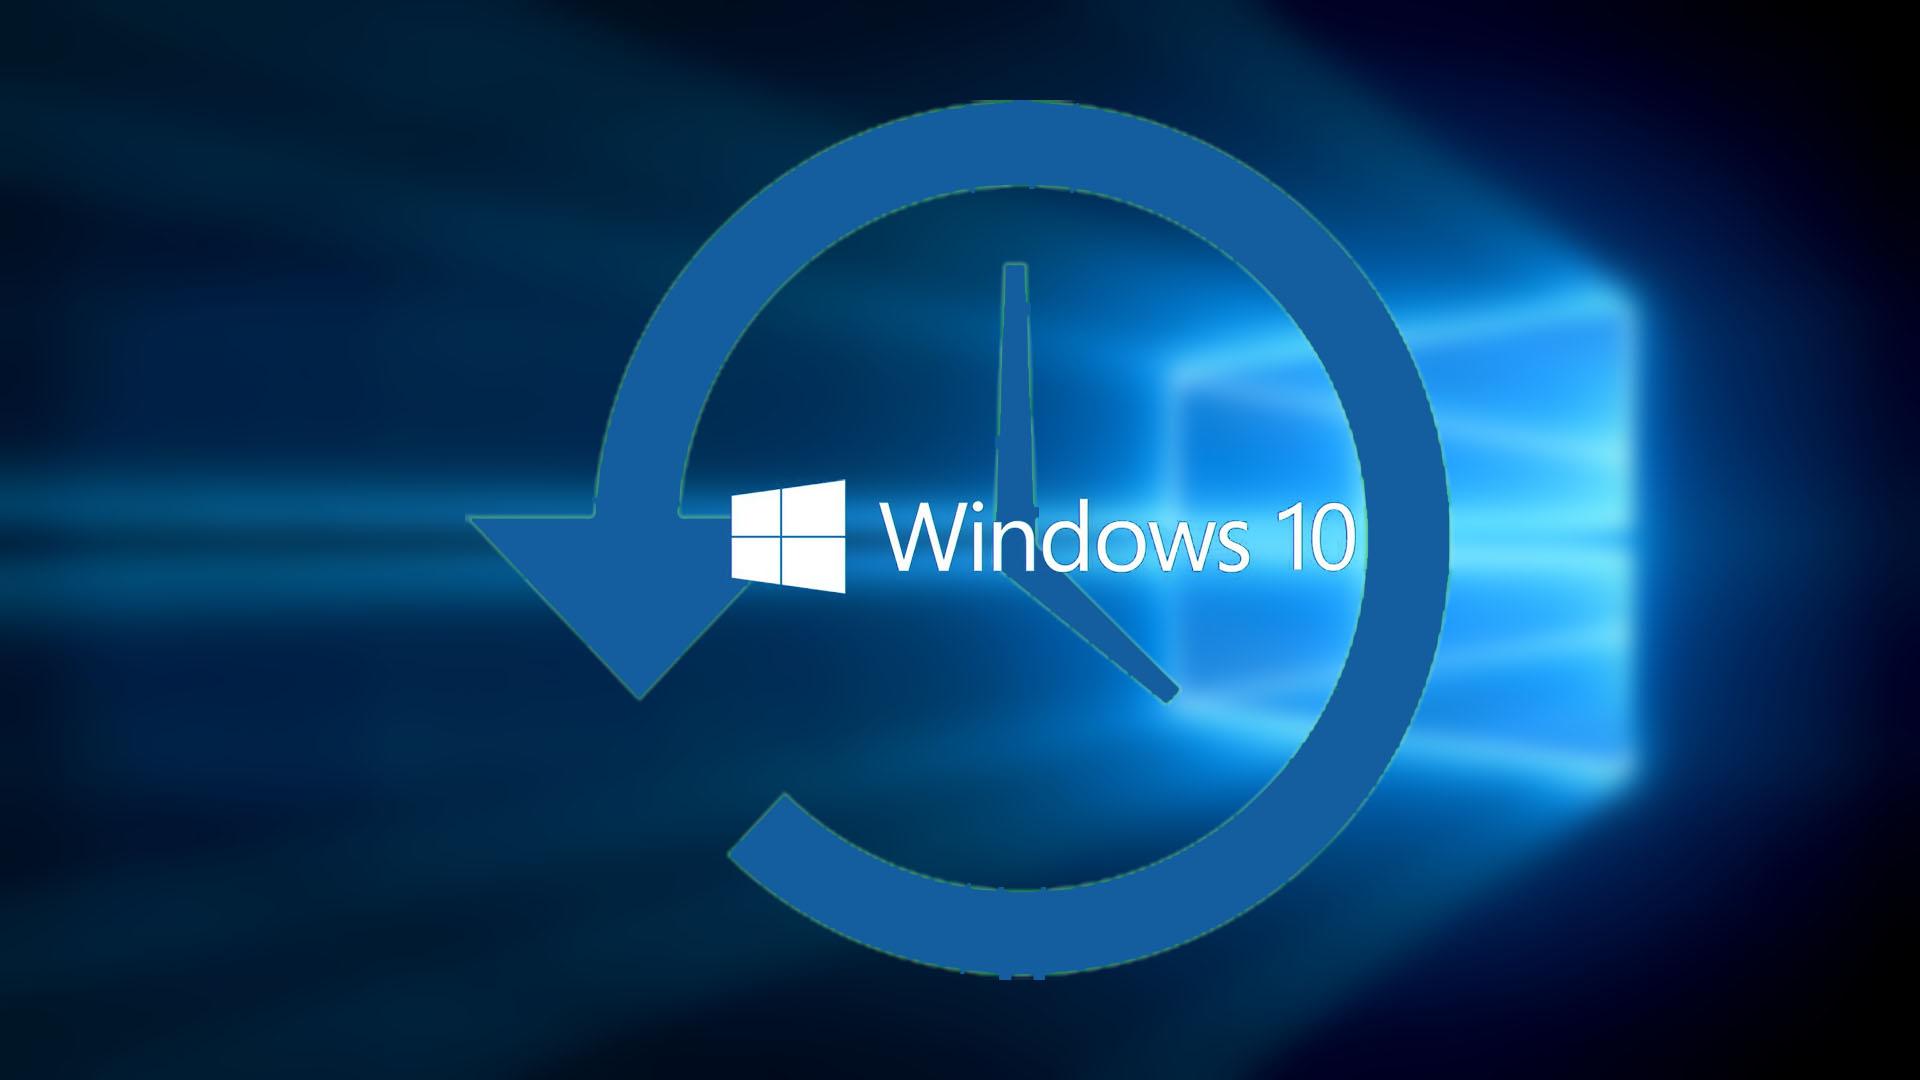 Fall Wallpaper Hd 1920x1080 Windows 10 November Update 1511 Wird Nicht Gefunden